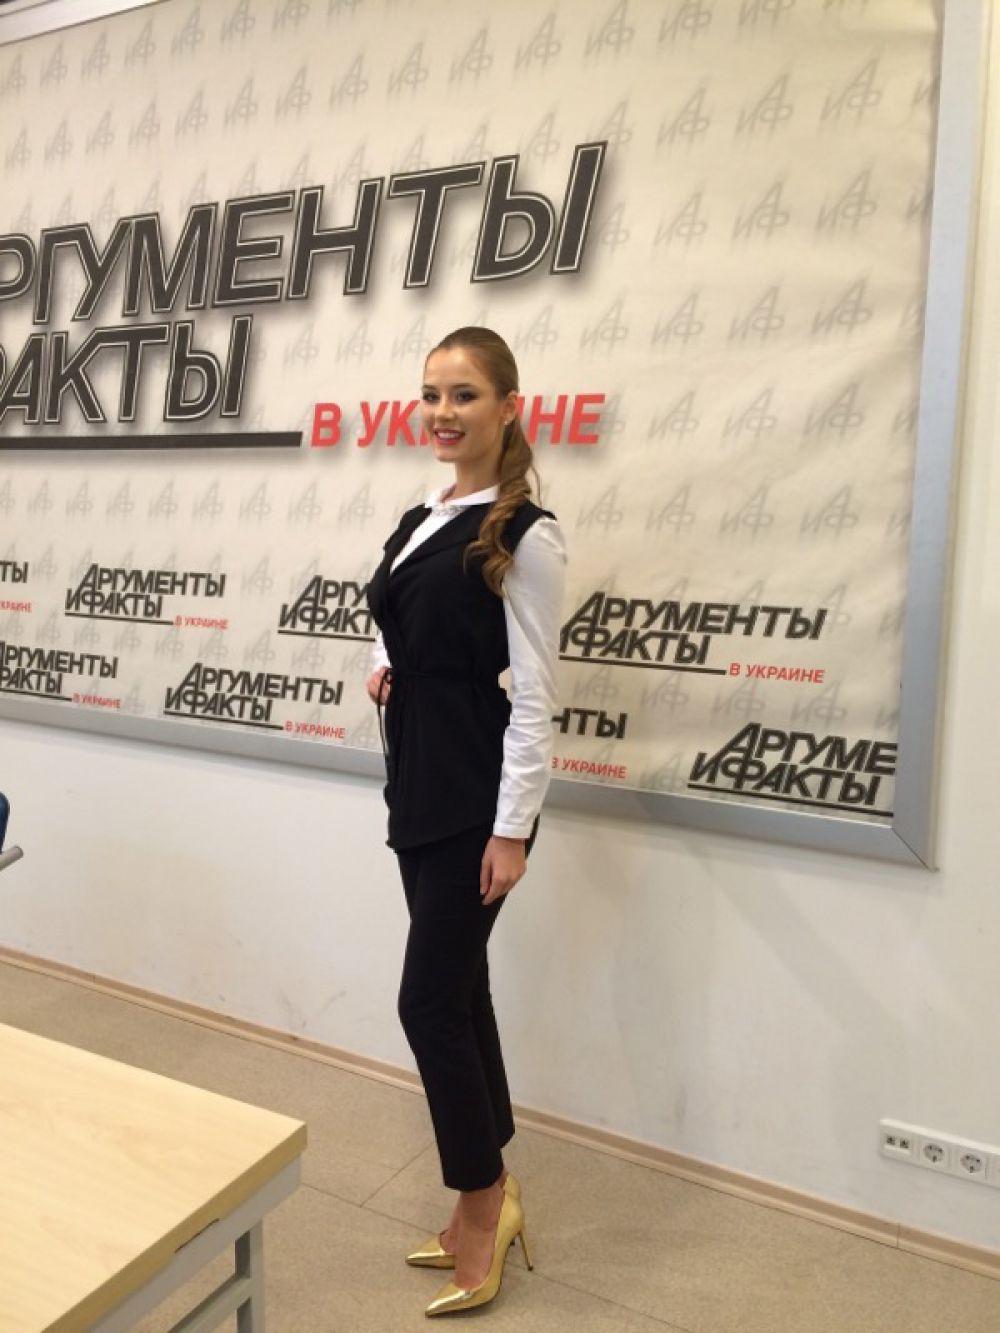 Восхищается двумя признанными миром красавицами – Оксаной Федоровой и Айшварией Рай. Первая получила титул «Мисс Вселенная-2002», а вторая стала «Мисс мира» в 1994 году